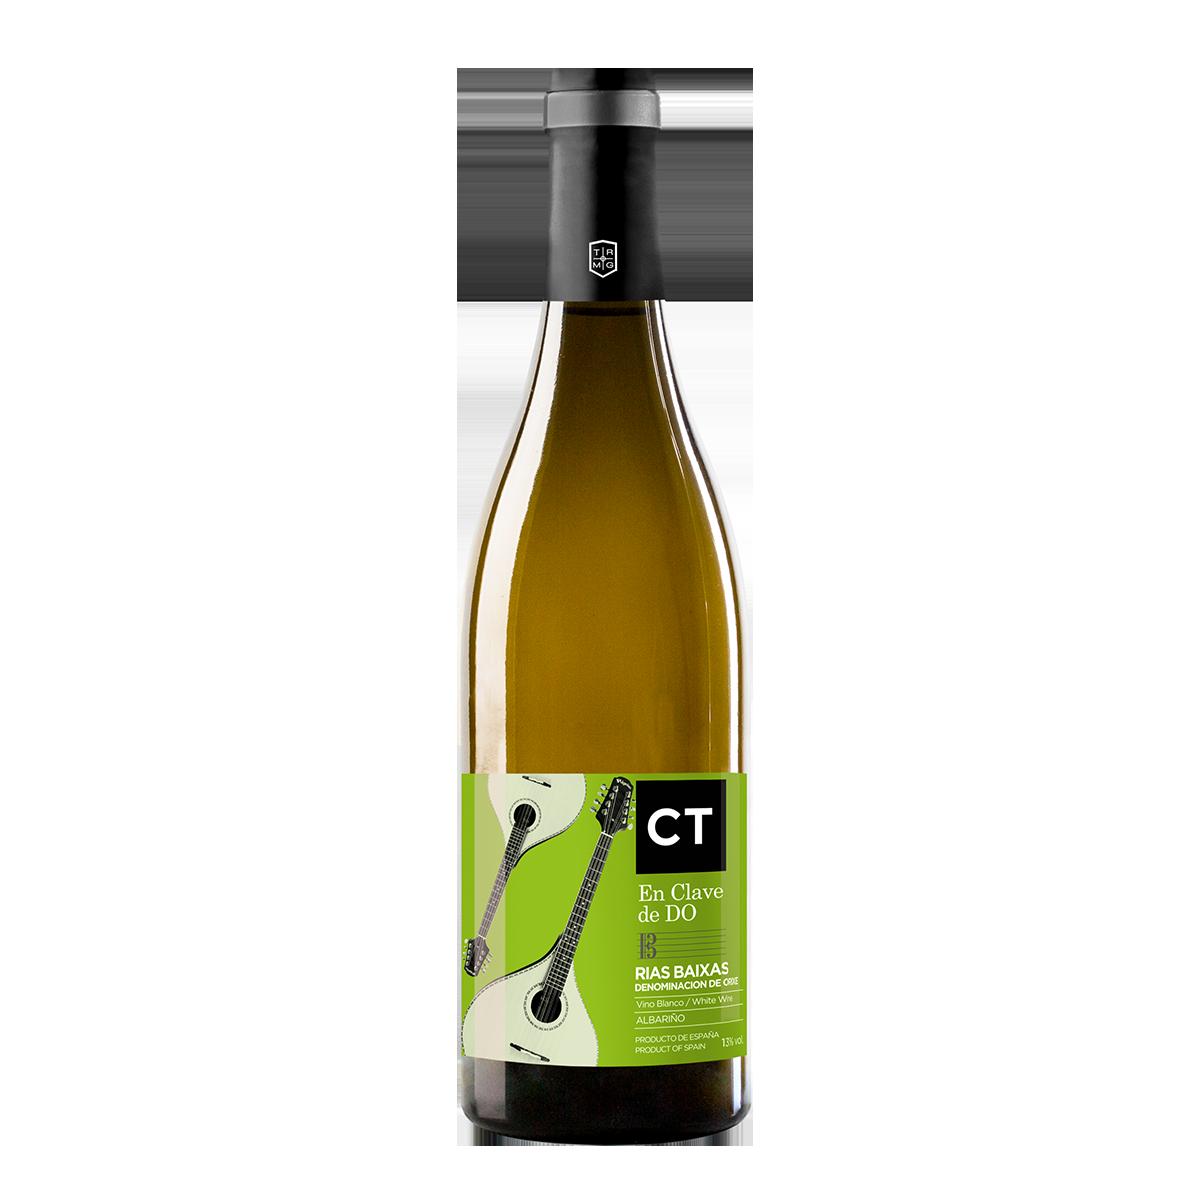 EST2201-18 西班牙三葉草莊園獨奏曲系列阿爾巴利諾白葡萄酒 CT En Clave de DO Albariño D.O. Rías Baixas